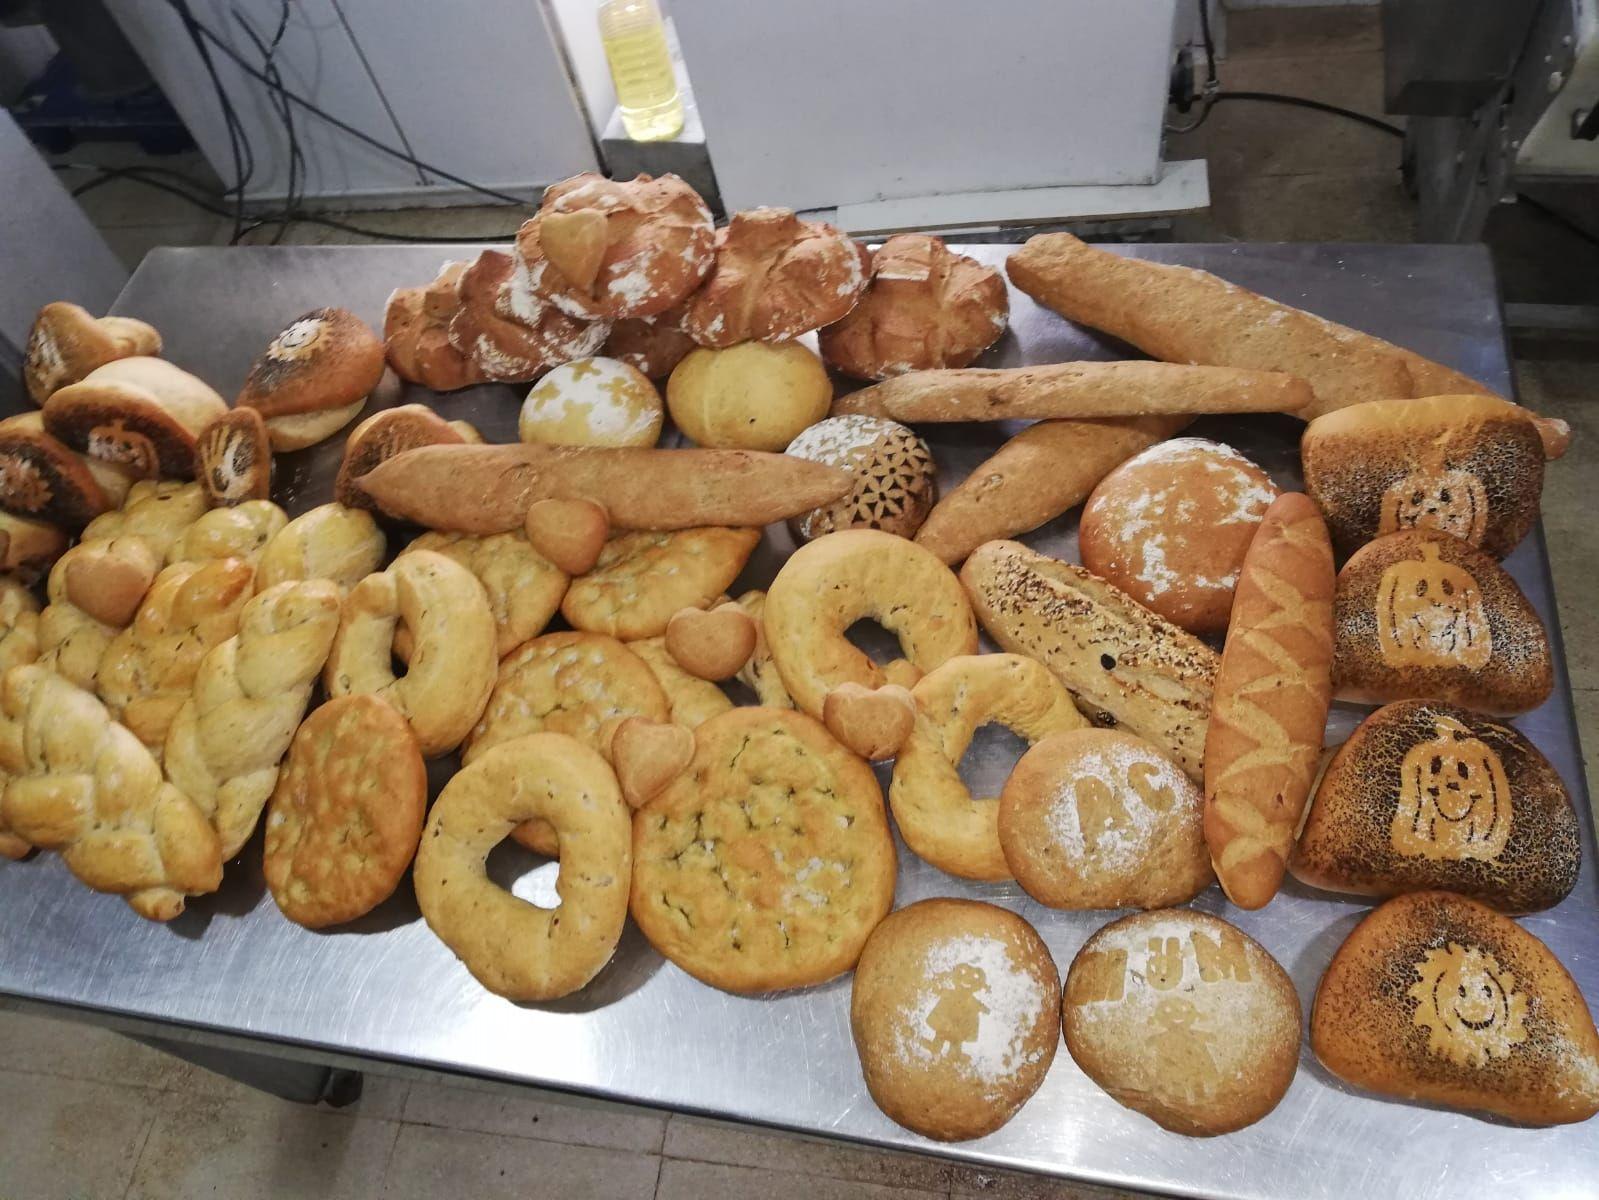 Elaboración de pan casero y bollería en Linares